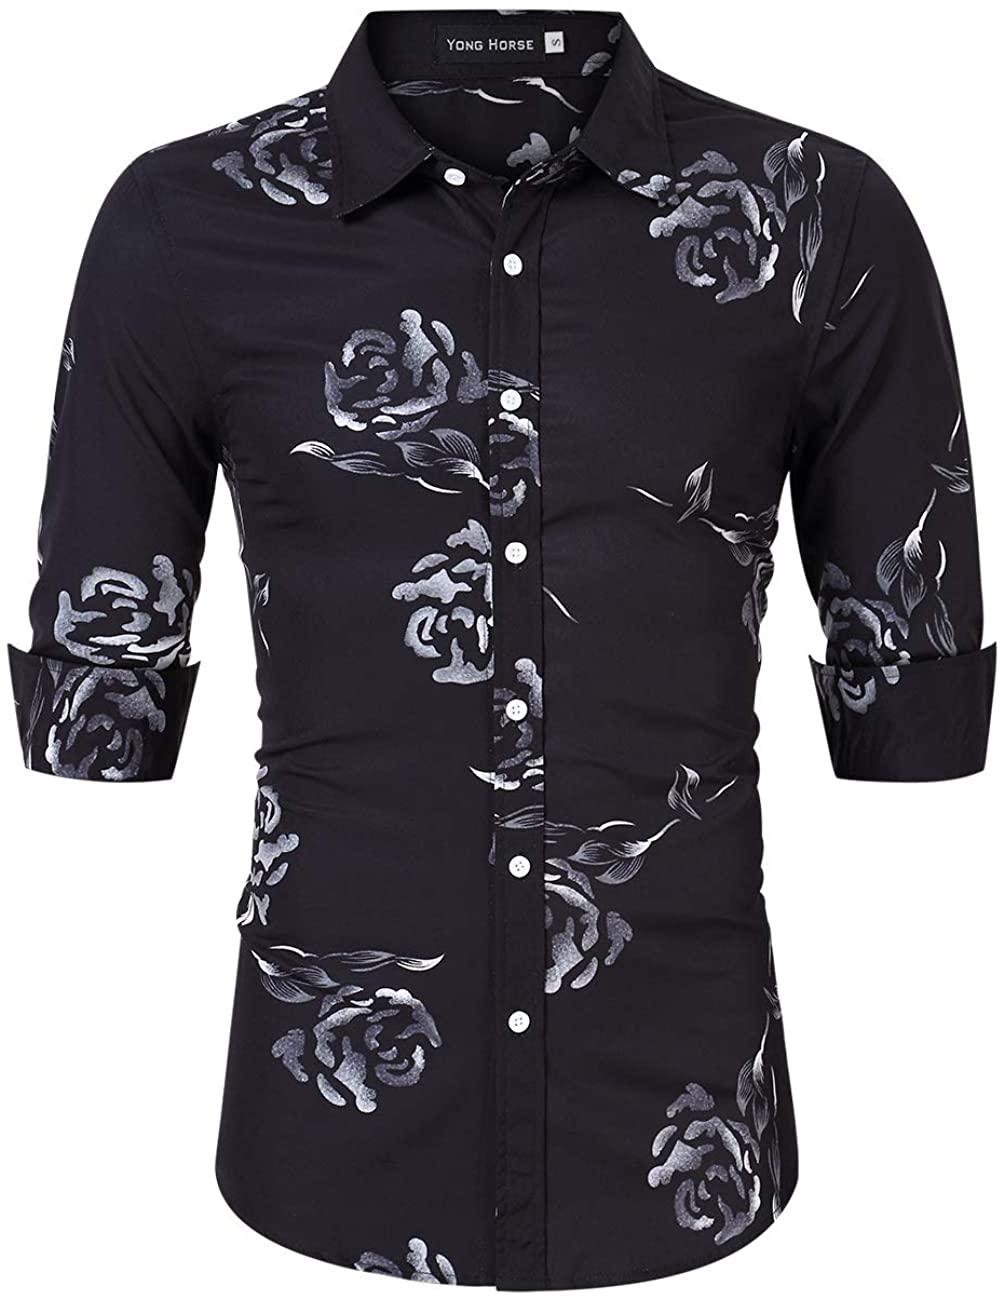 Yong Horse Men's Floral Printed Beach Hawaiian Casual Button-Down Dress Shirts, Black, XL